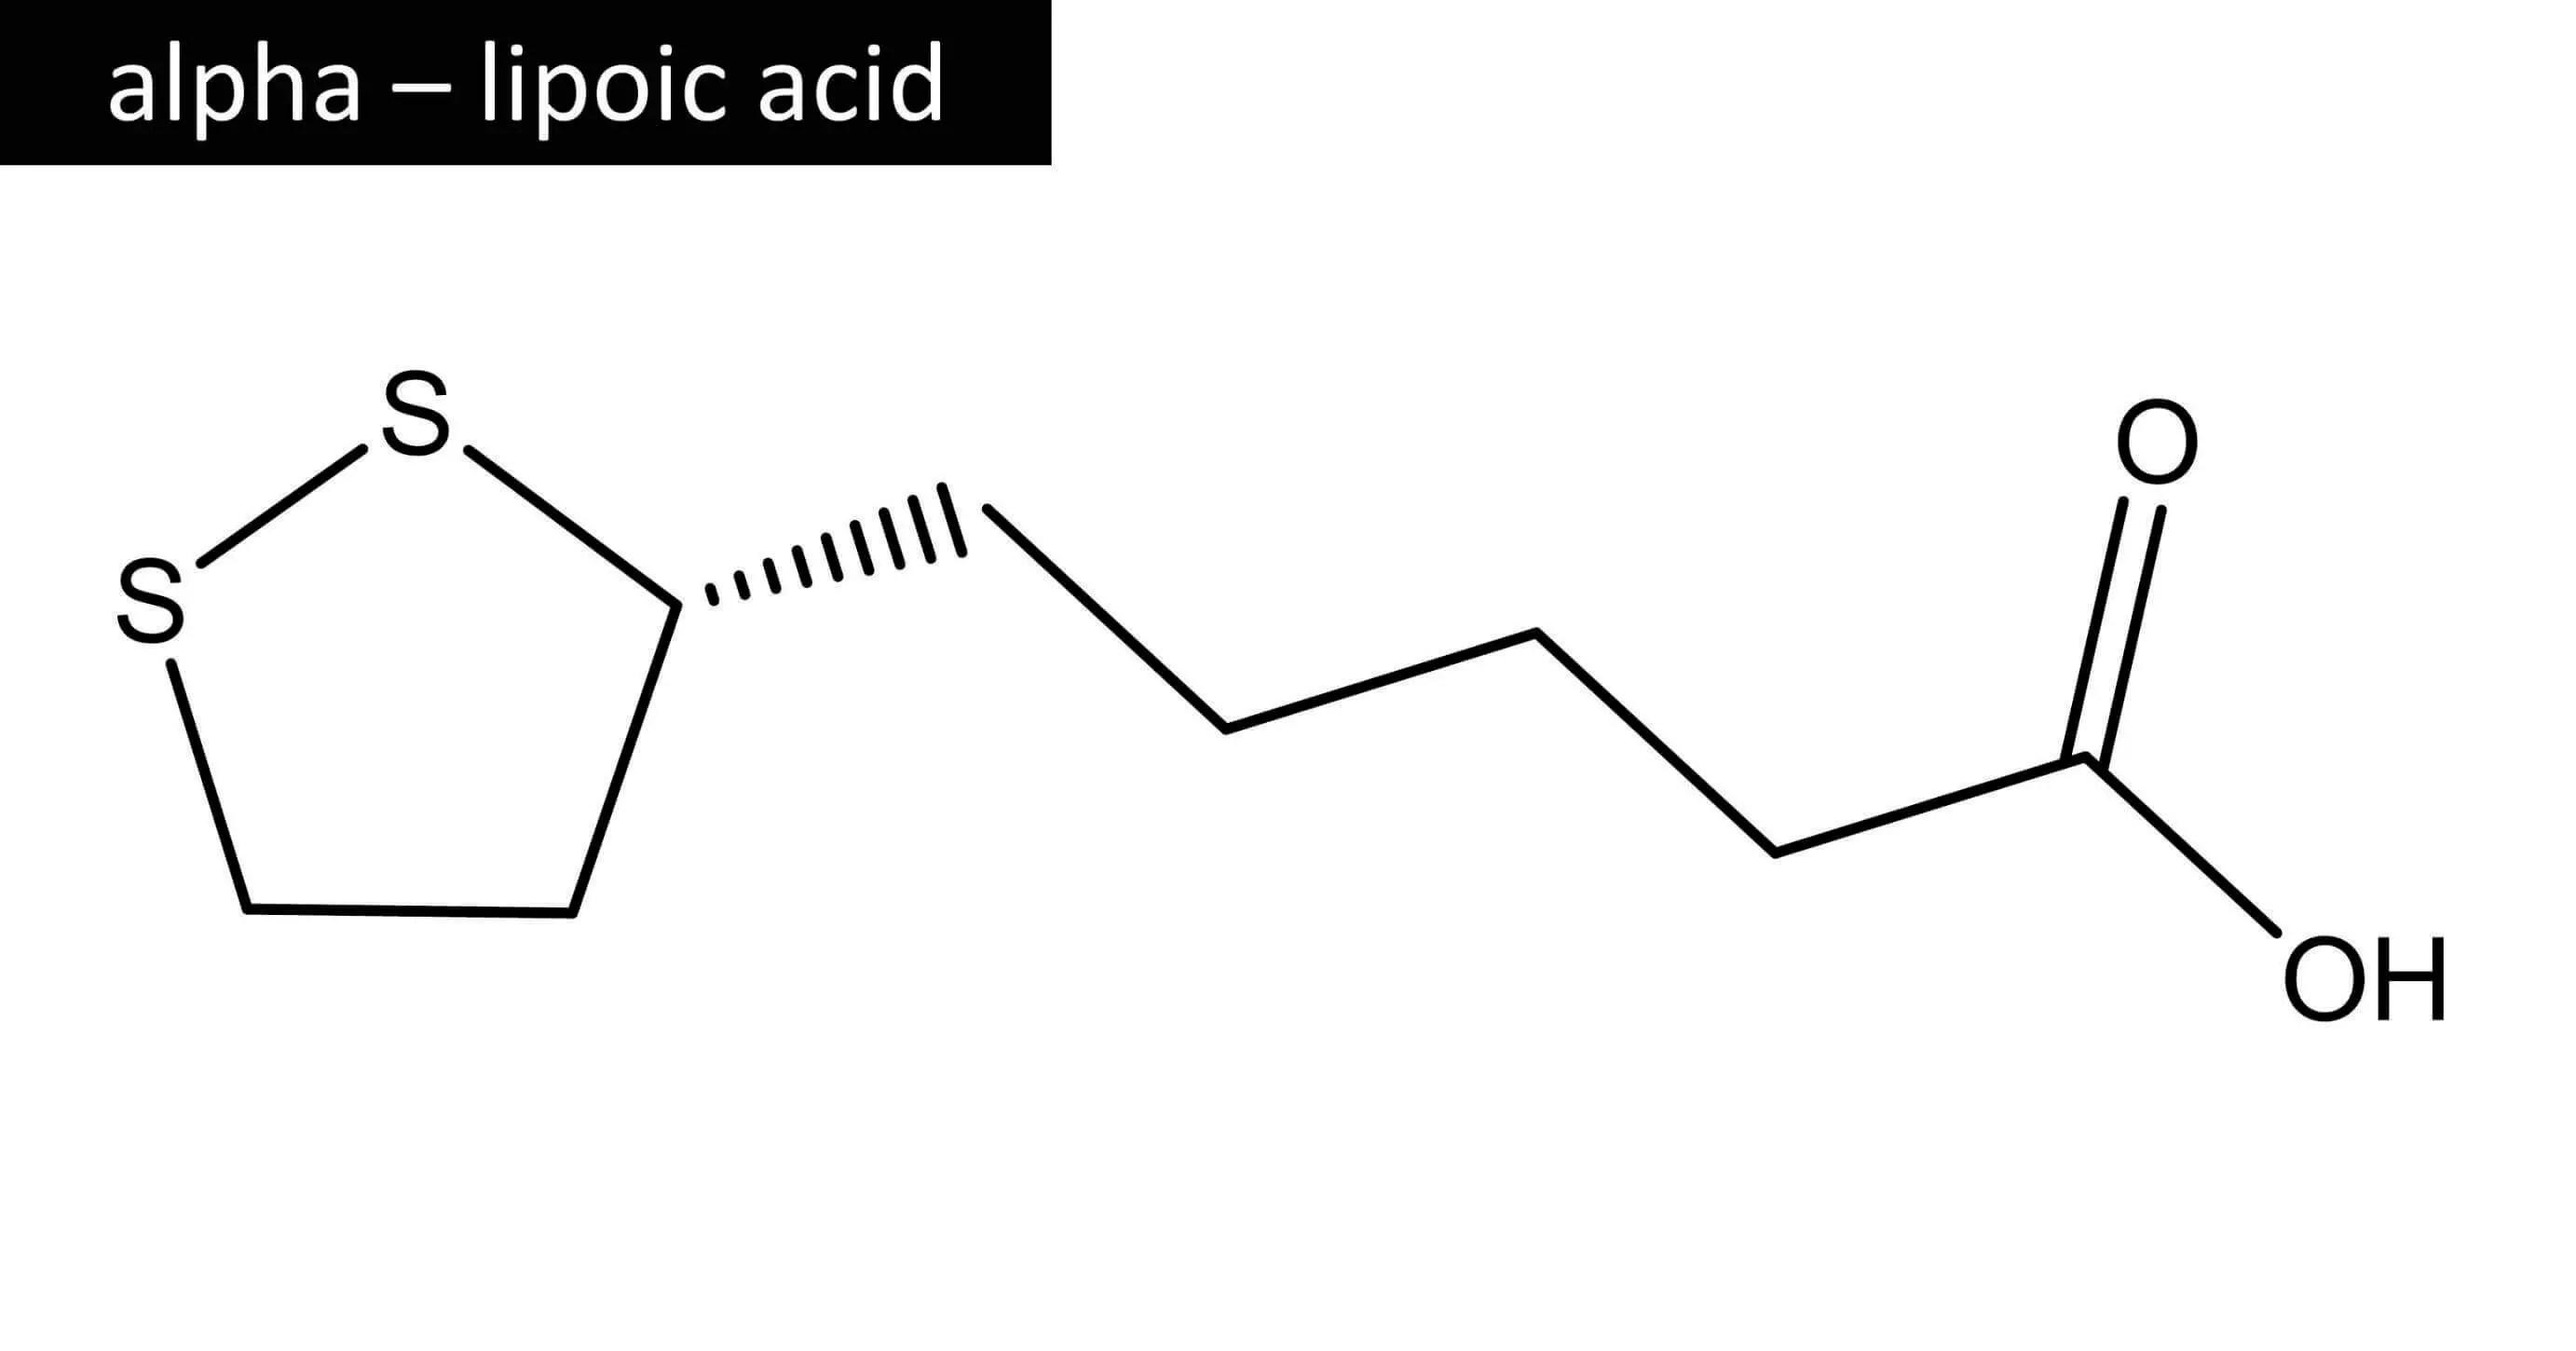 高濃度アルファリポ酸点滴